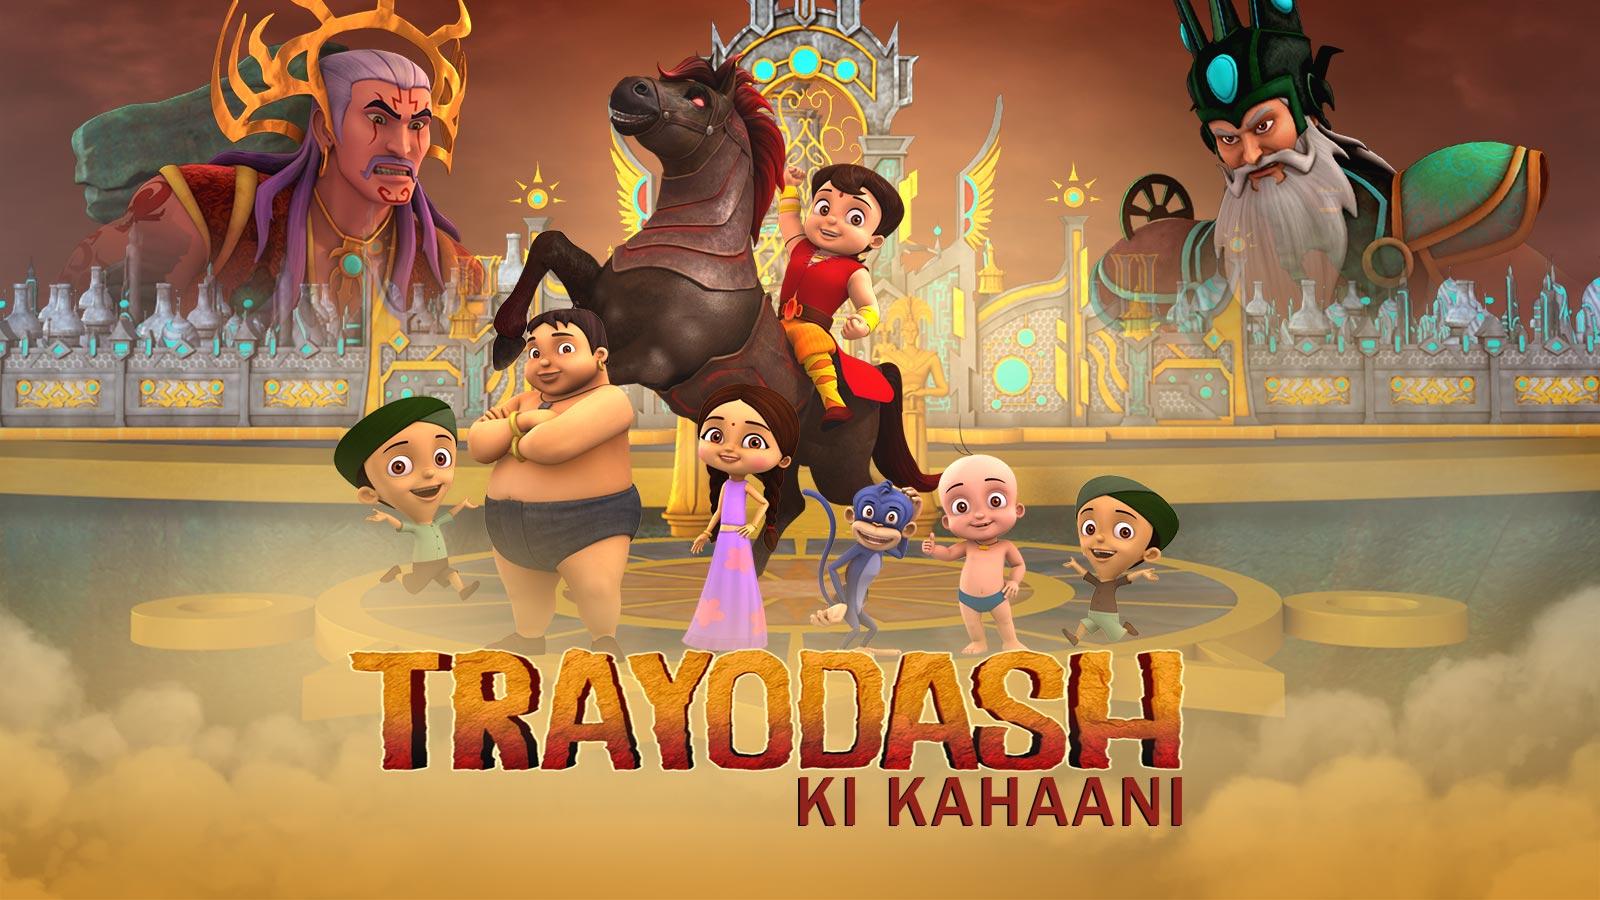 super bheem trayodash ki kahani 3d movie full movie hd cartoon